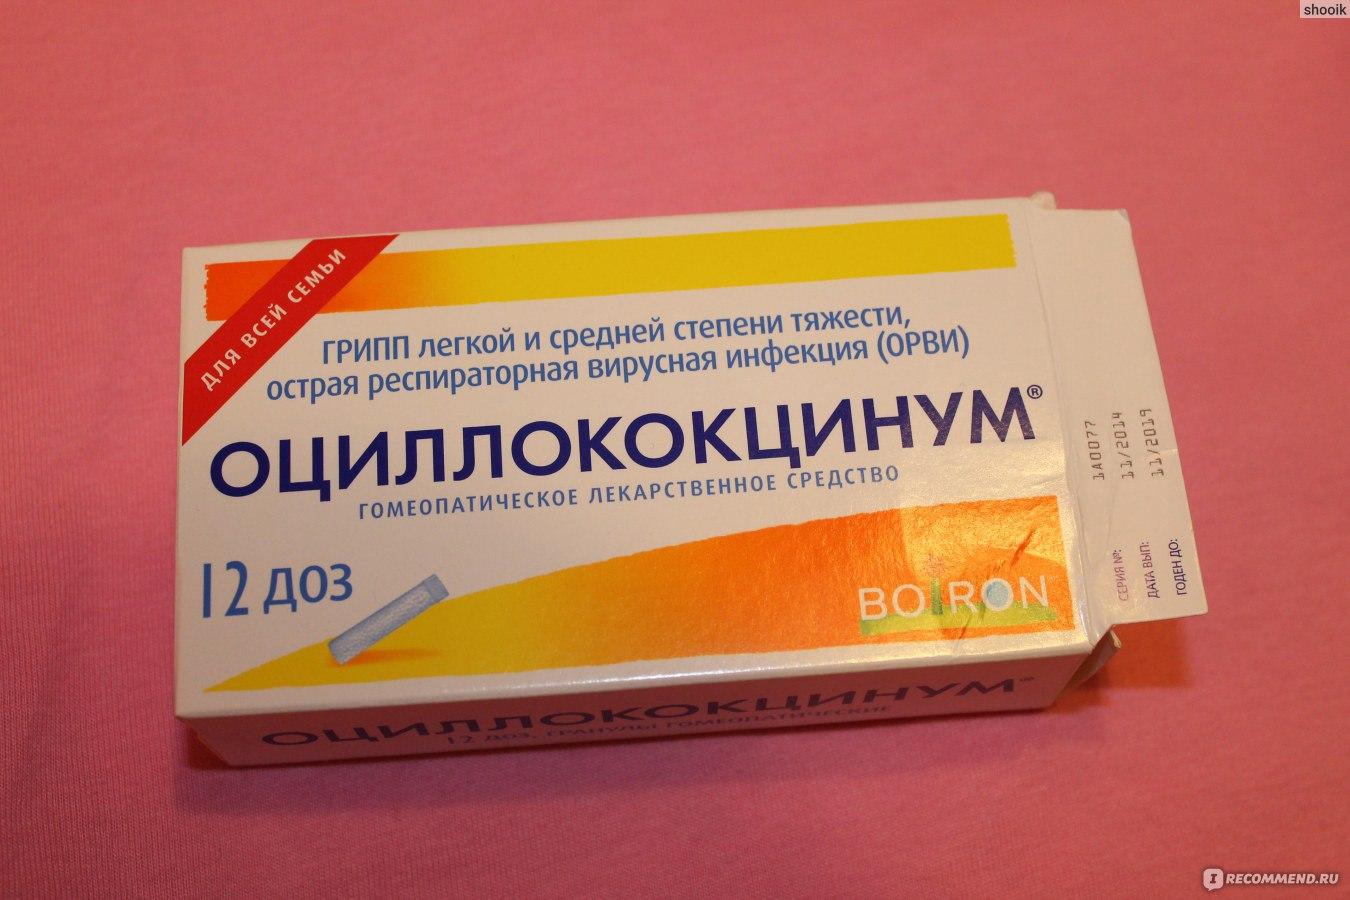 оцилококцинум инструкция по применению в гранулах